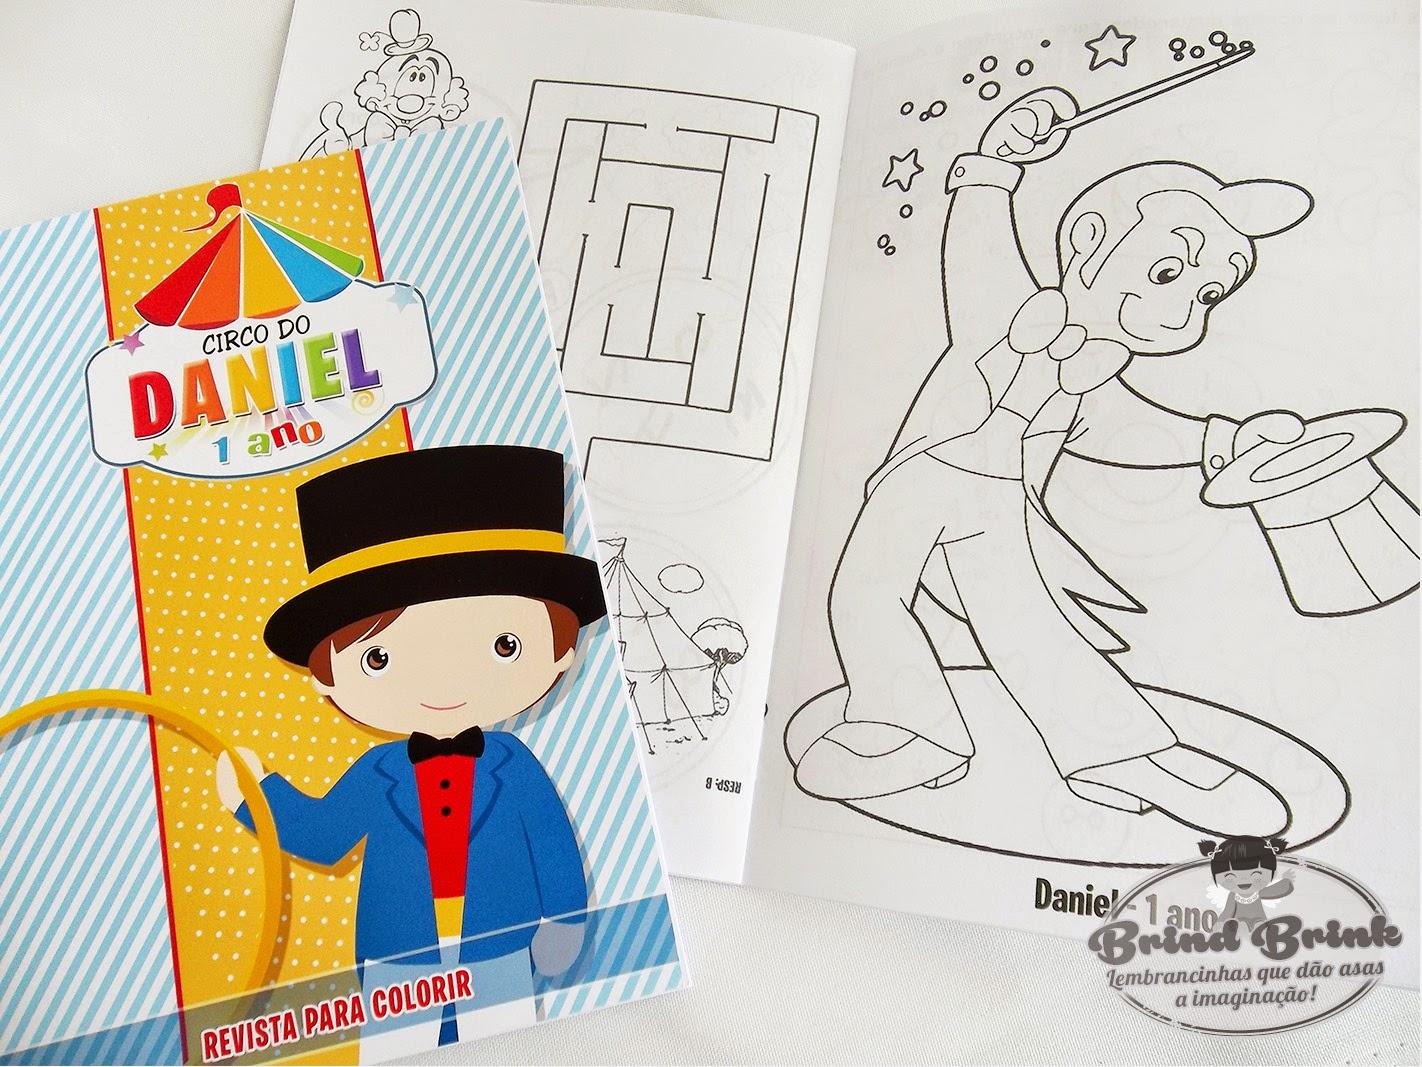 Revista com desenhos para colorir Circo